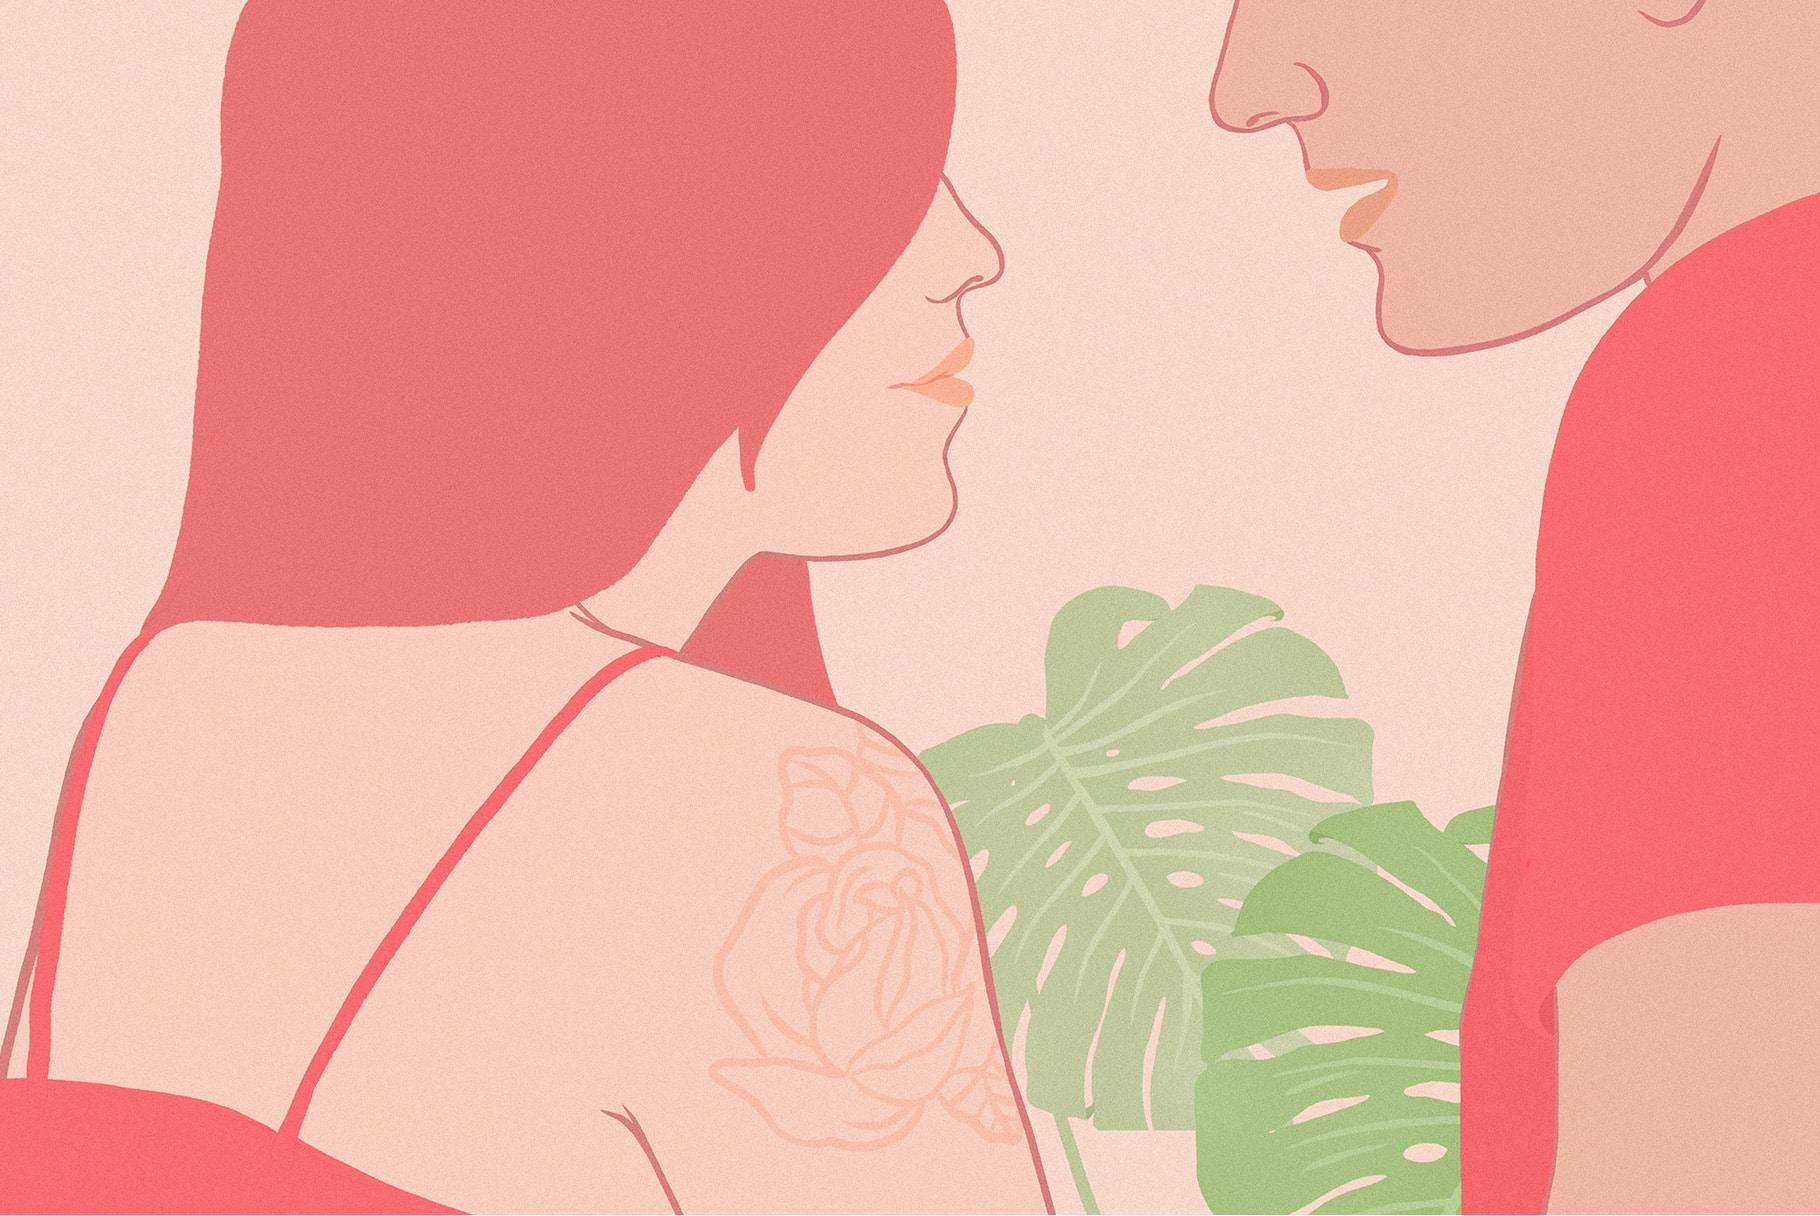 jak urozmaicic zycie intymne 1